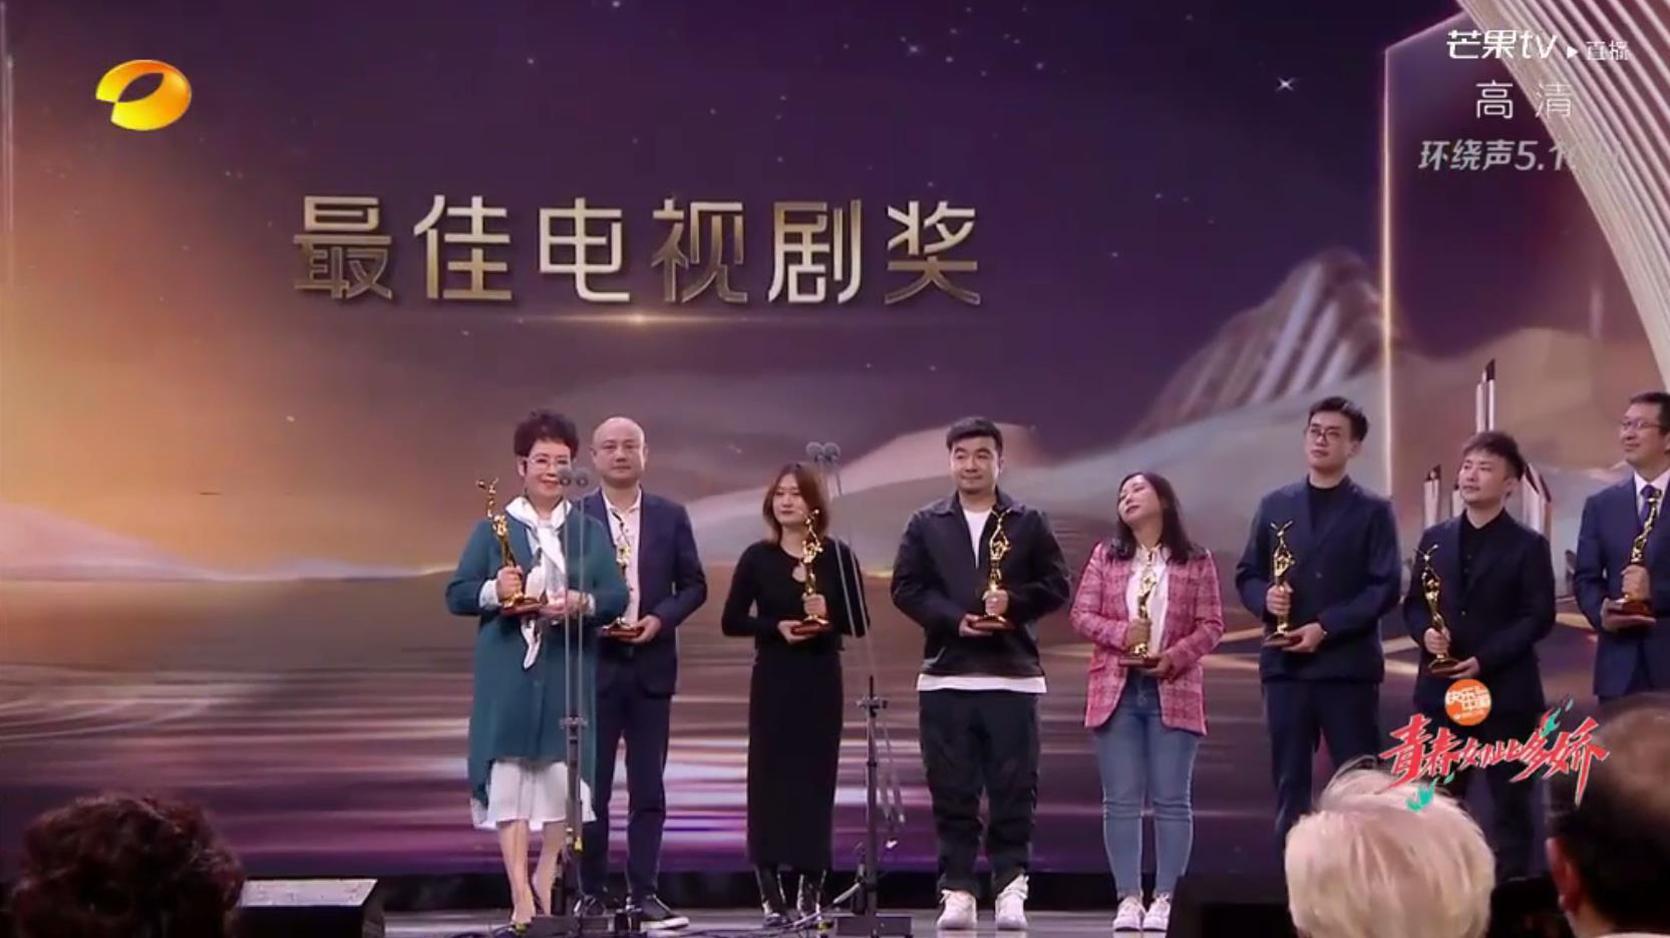 《长安》《知否》《小欢喜》等获金鹰奖最佳电视剧